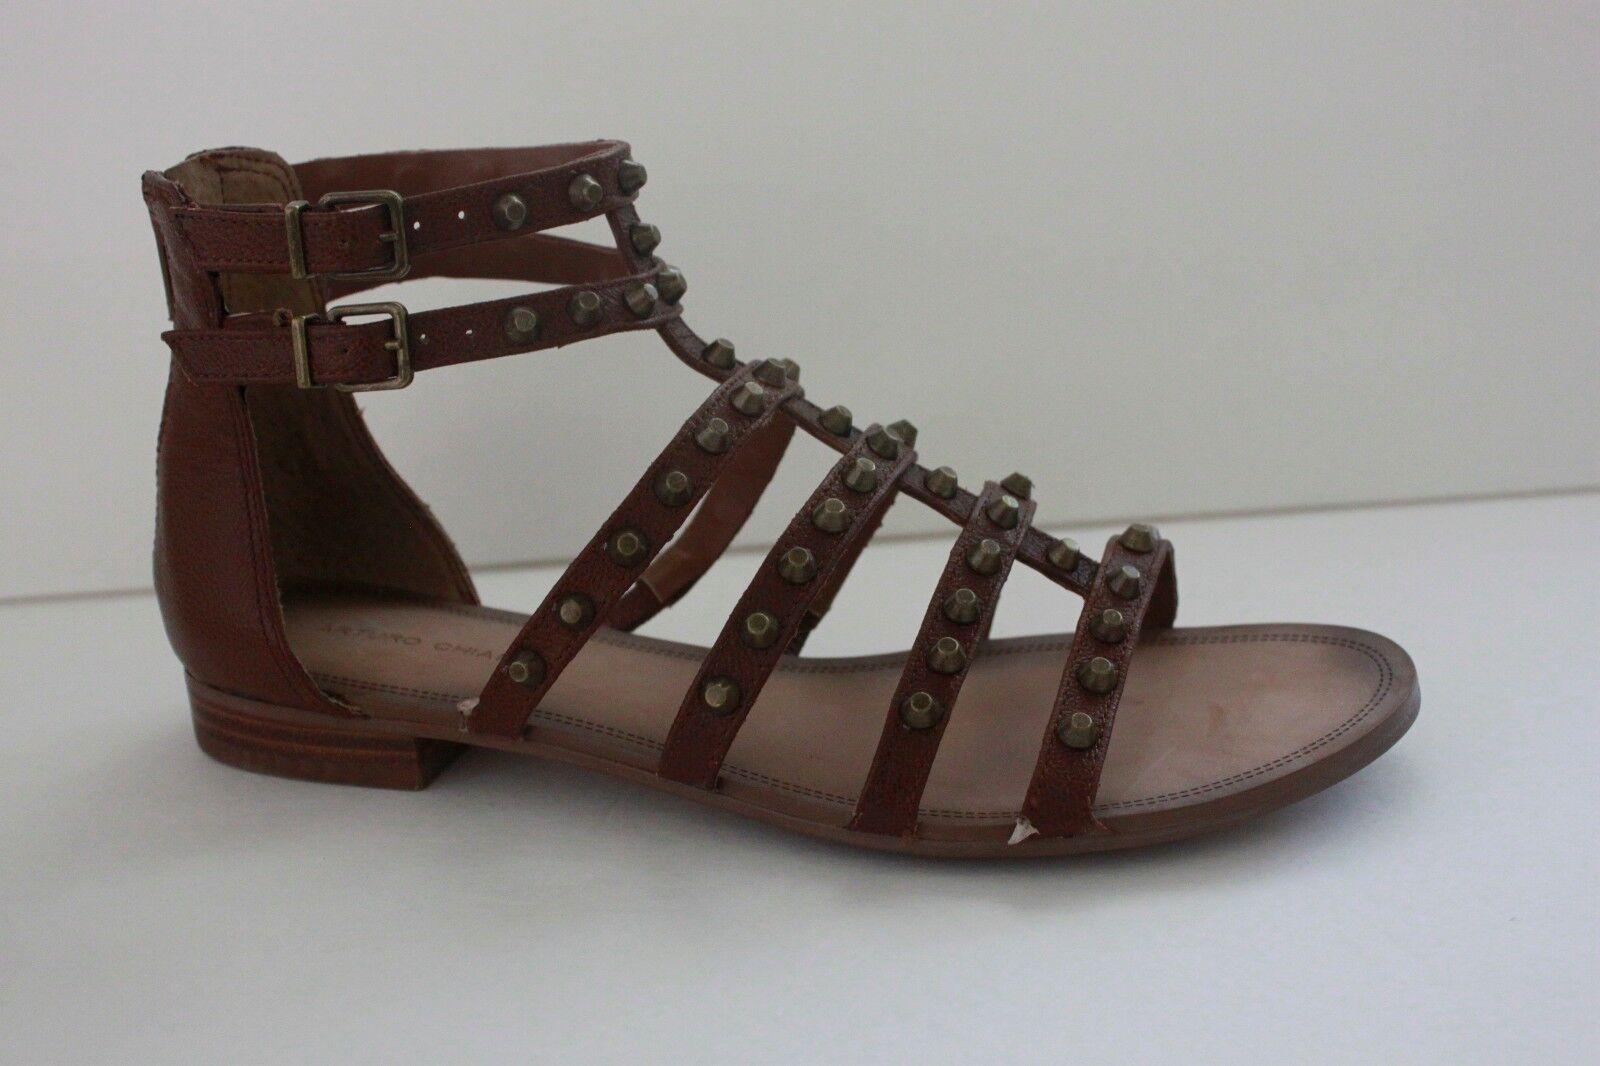 Arturo Chiang pour femme en cuir marron clous Gladiateur Chaussure Sandale Taille 7/7.5 M New In Box